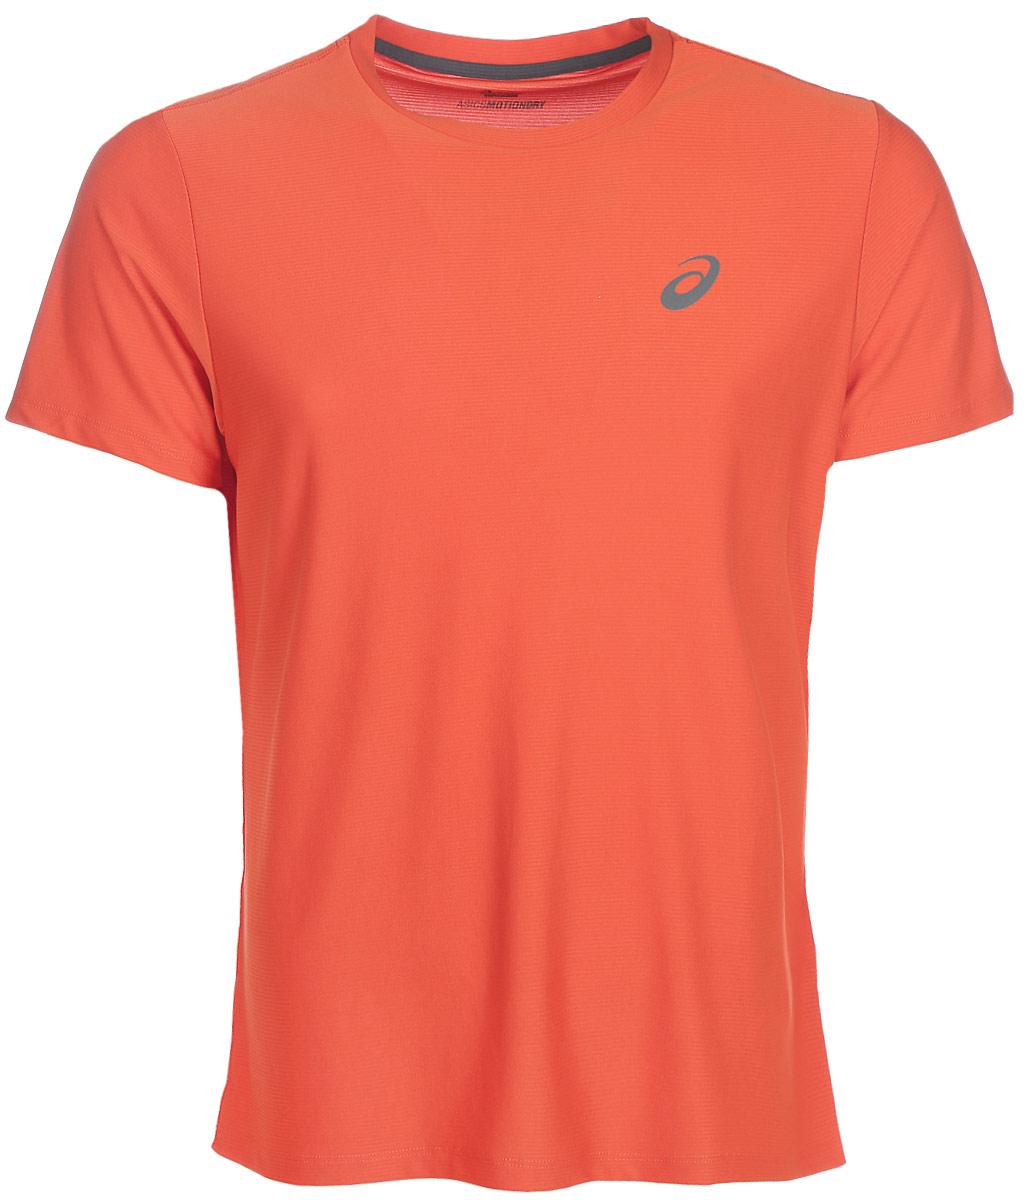 Футболка для бега мужская Asics SS Top, цвет: коричневый. 134084-0516. Размер XXL (56)134084-0516Стильная мужская футболка для бега Asics SS Top, выполненная из высококачественного полиэстера, обладает высокой воздухопроницаемостью и превосходно отводит влагу от тела, оставляя кожу сухой даже во время интенсивных тренировок. Такая футболка великолепно подойдет как для повседневной носки, так и для спортивных занятий.Модель с короткими рукавами и круглым вырезом горловины - идеальный вариант для создания модного современного образа. Футболка оформлена светоотражающим логотипом на груди и контрастной полоской на спинке. Такая футболка идеально подойдет для занятий спортом и бега. В ней вы всегда будете чувствовать себя уверенно и комфортно.